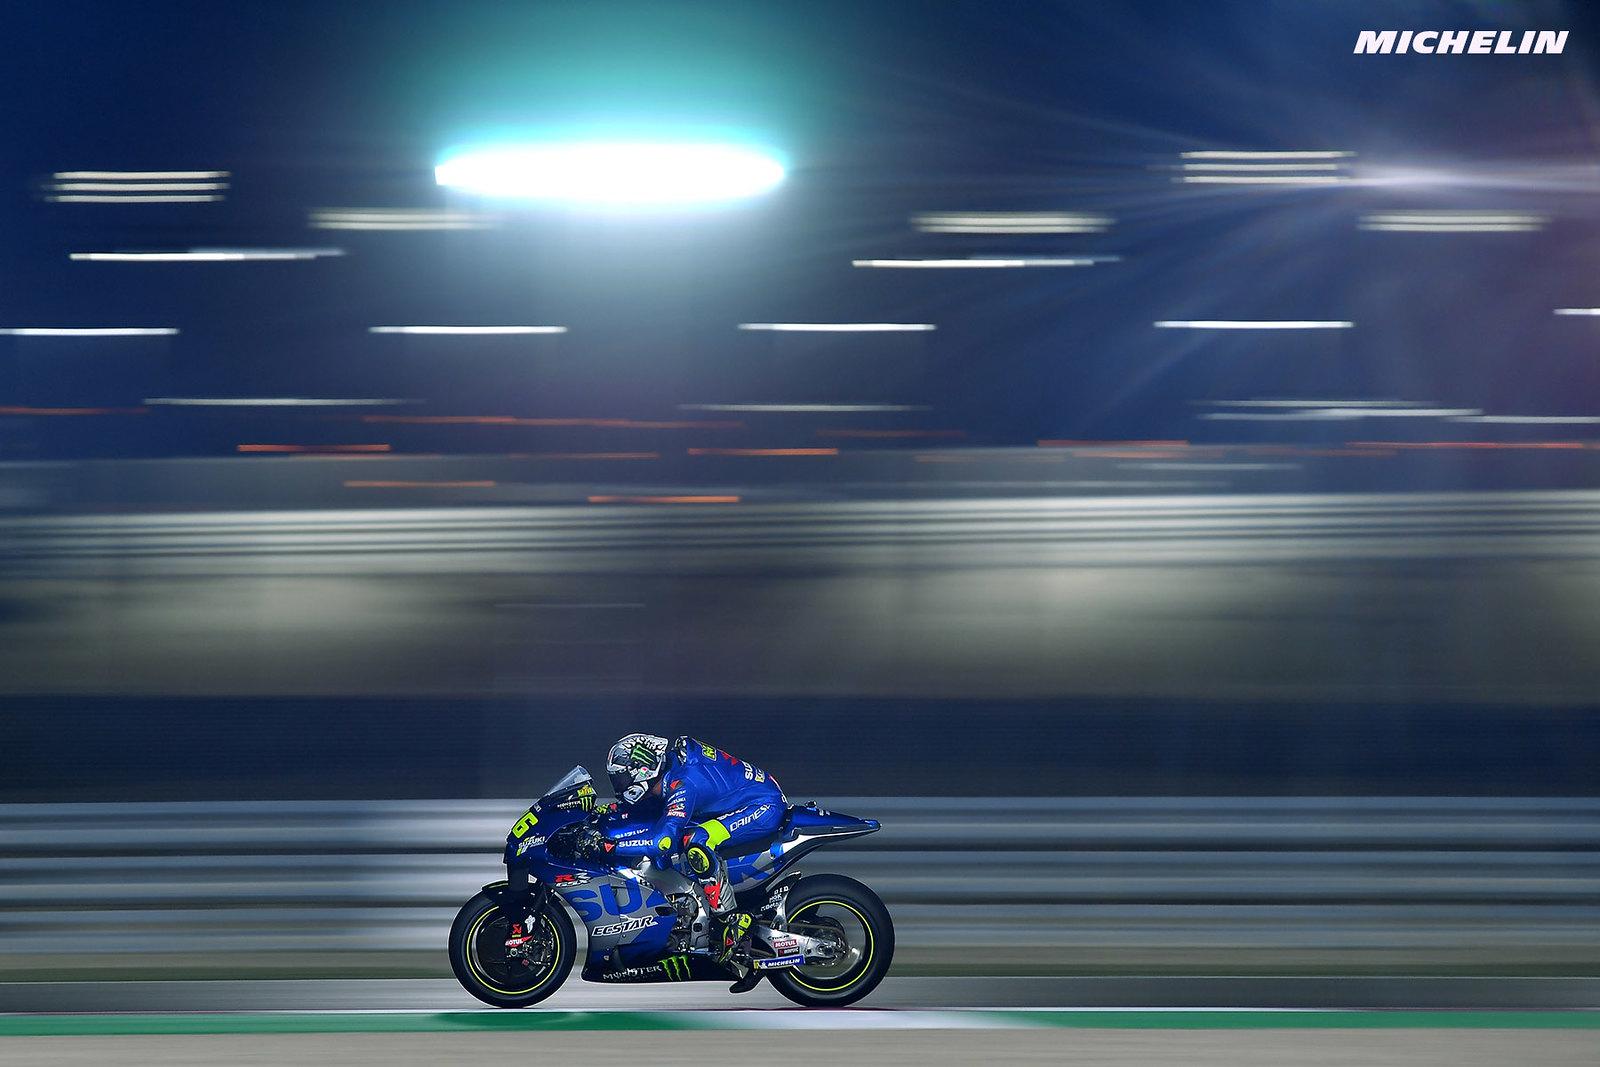 ミシュランタイヤ ピエロ・タラマッソ「開幕戦はきっと素晴らしいレースになる」